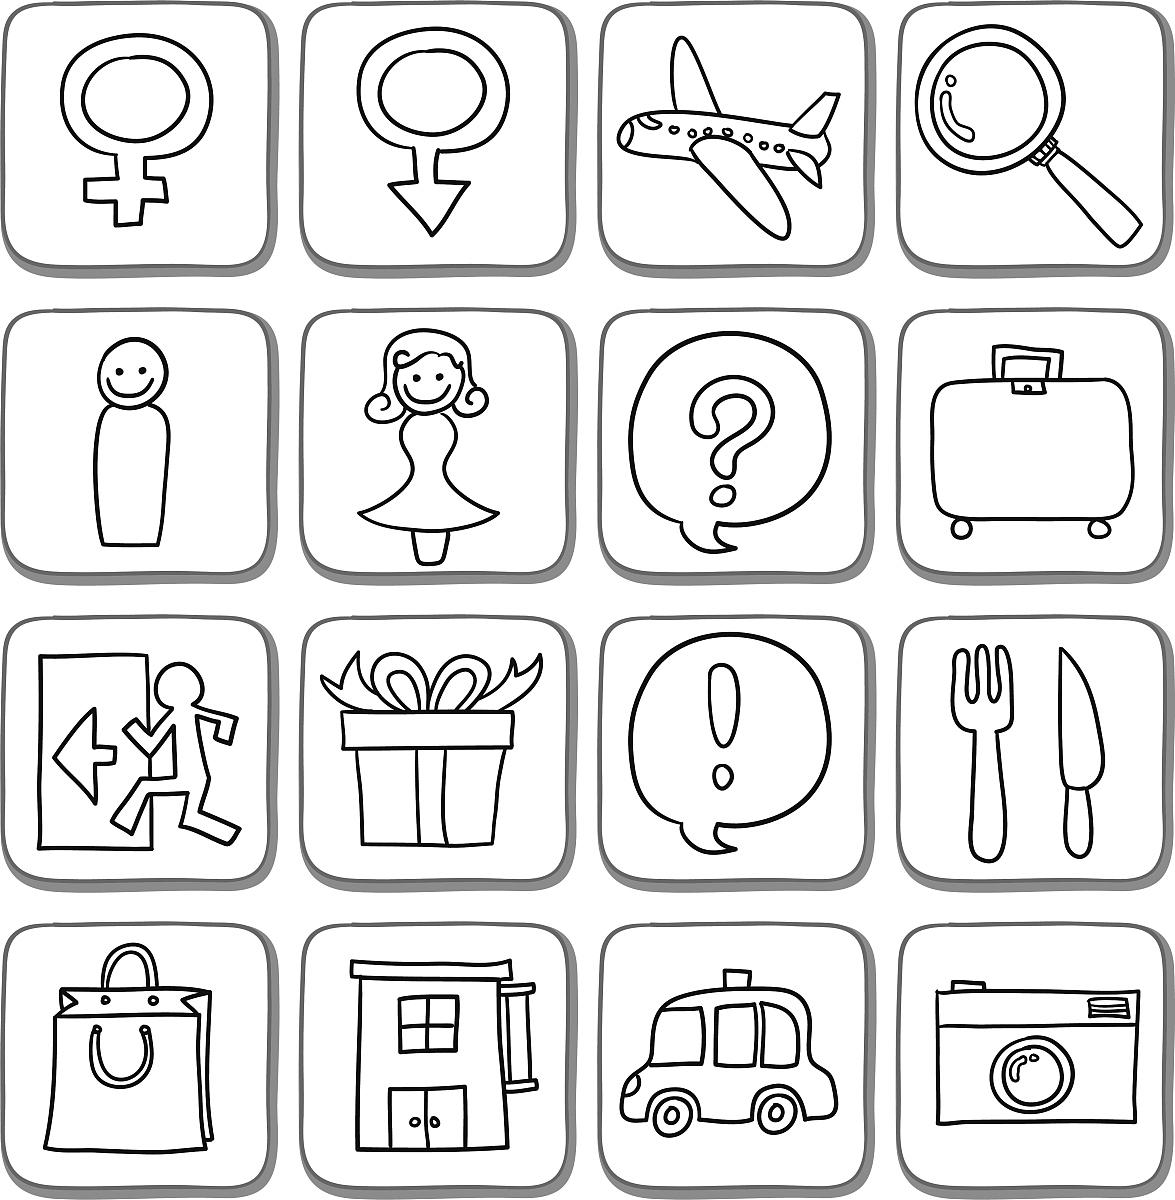 相机,礼物,数据,零售,黑白图片,餐刀,叉,飞机,旅行者,餐馆,酒店,正图片